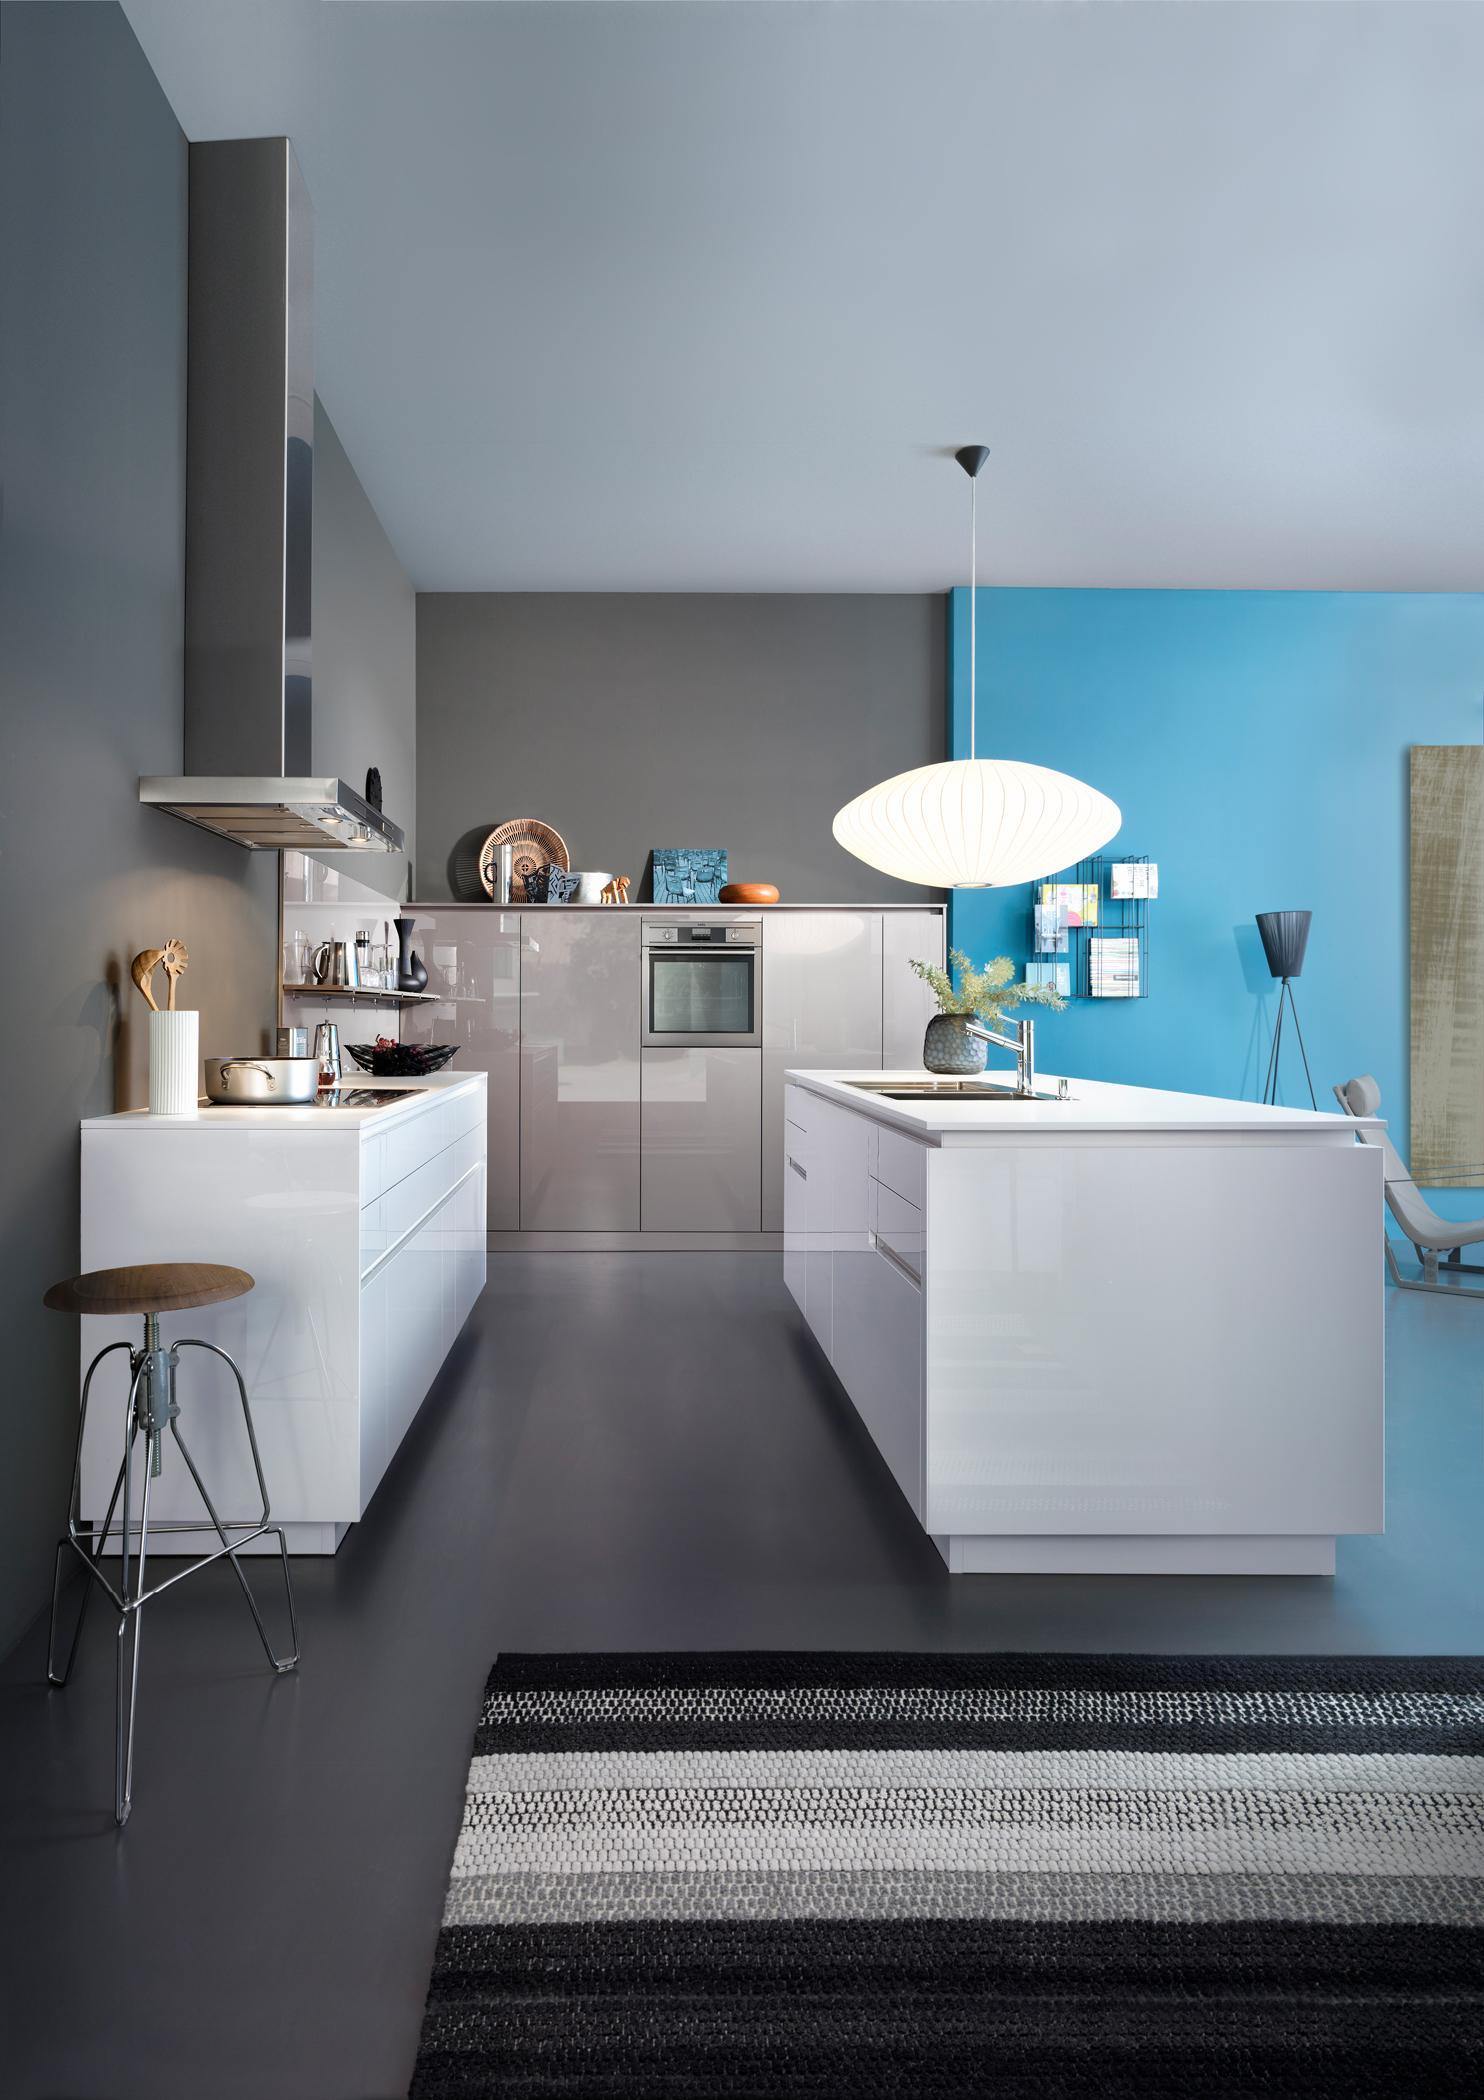 Wandgestaltung für die Küche • Bilder & Ideen • COUC...